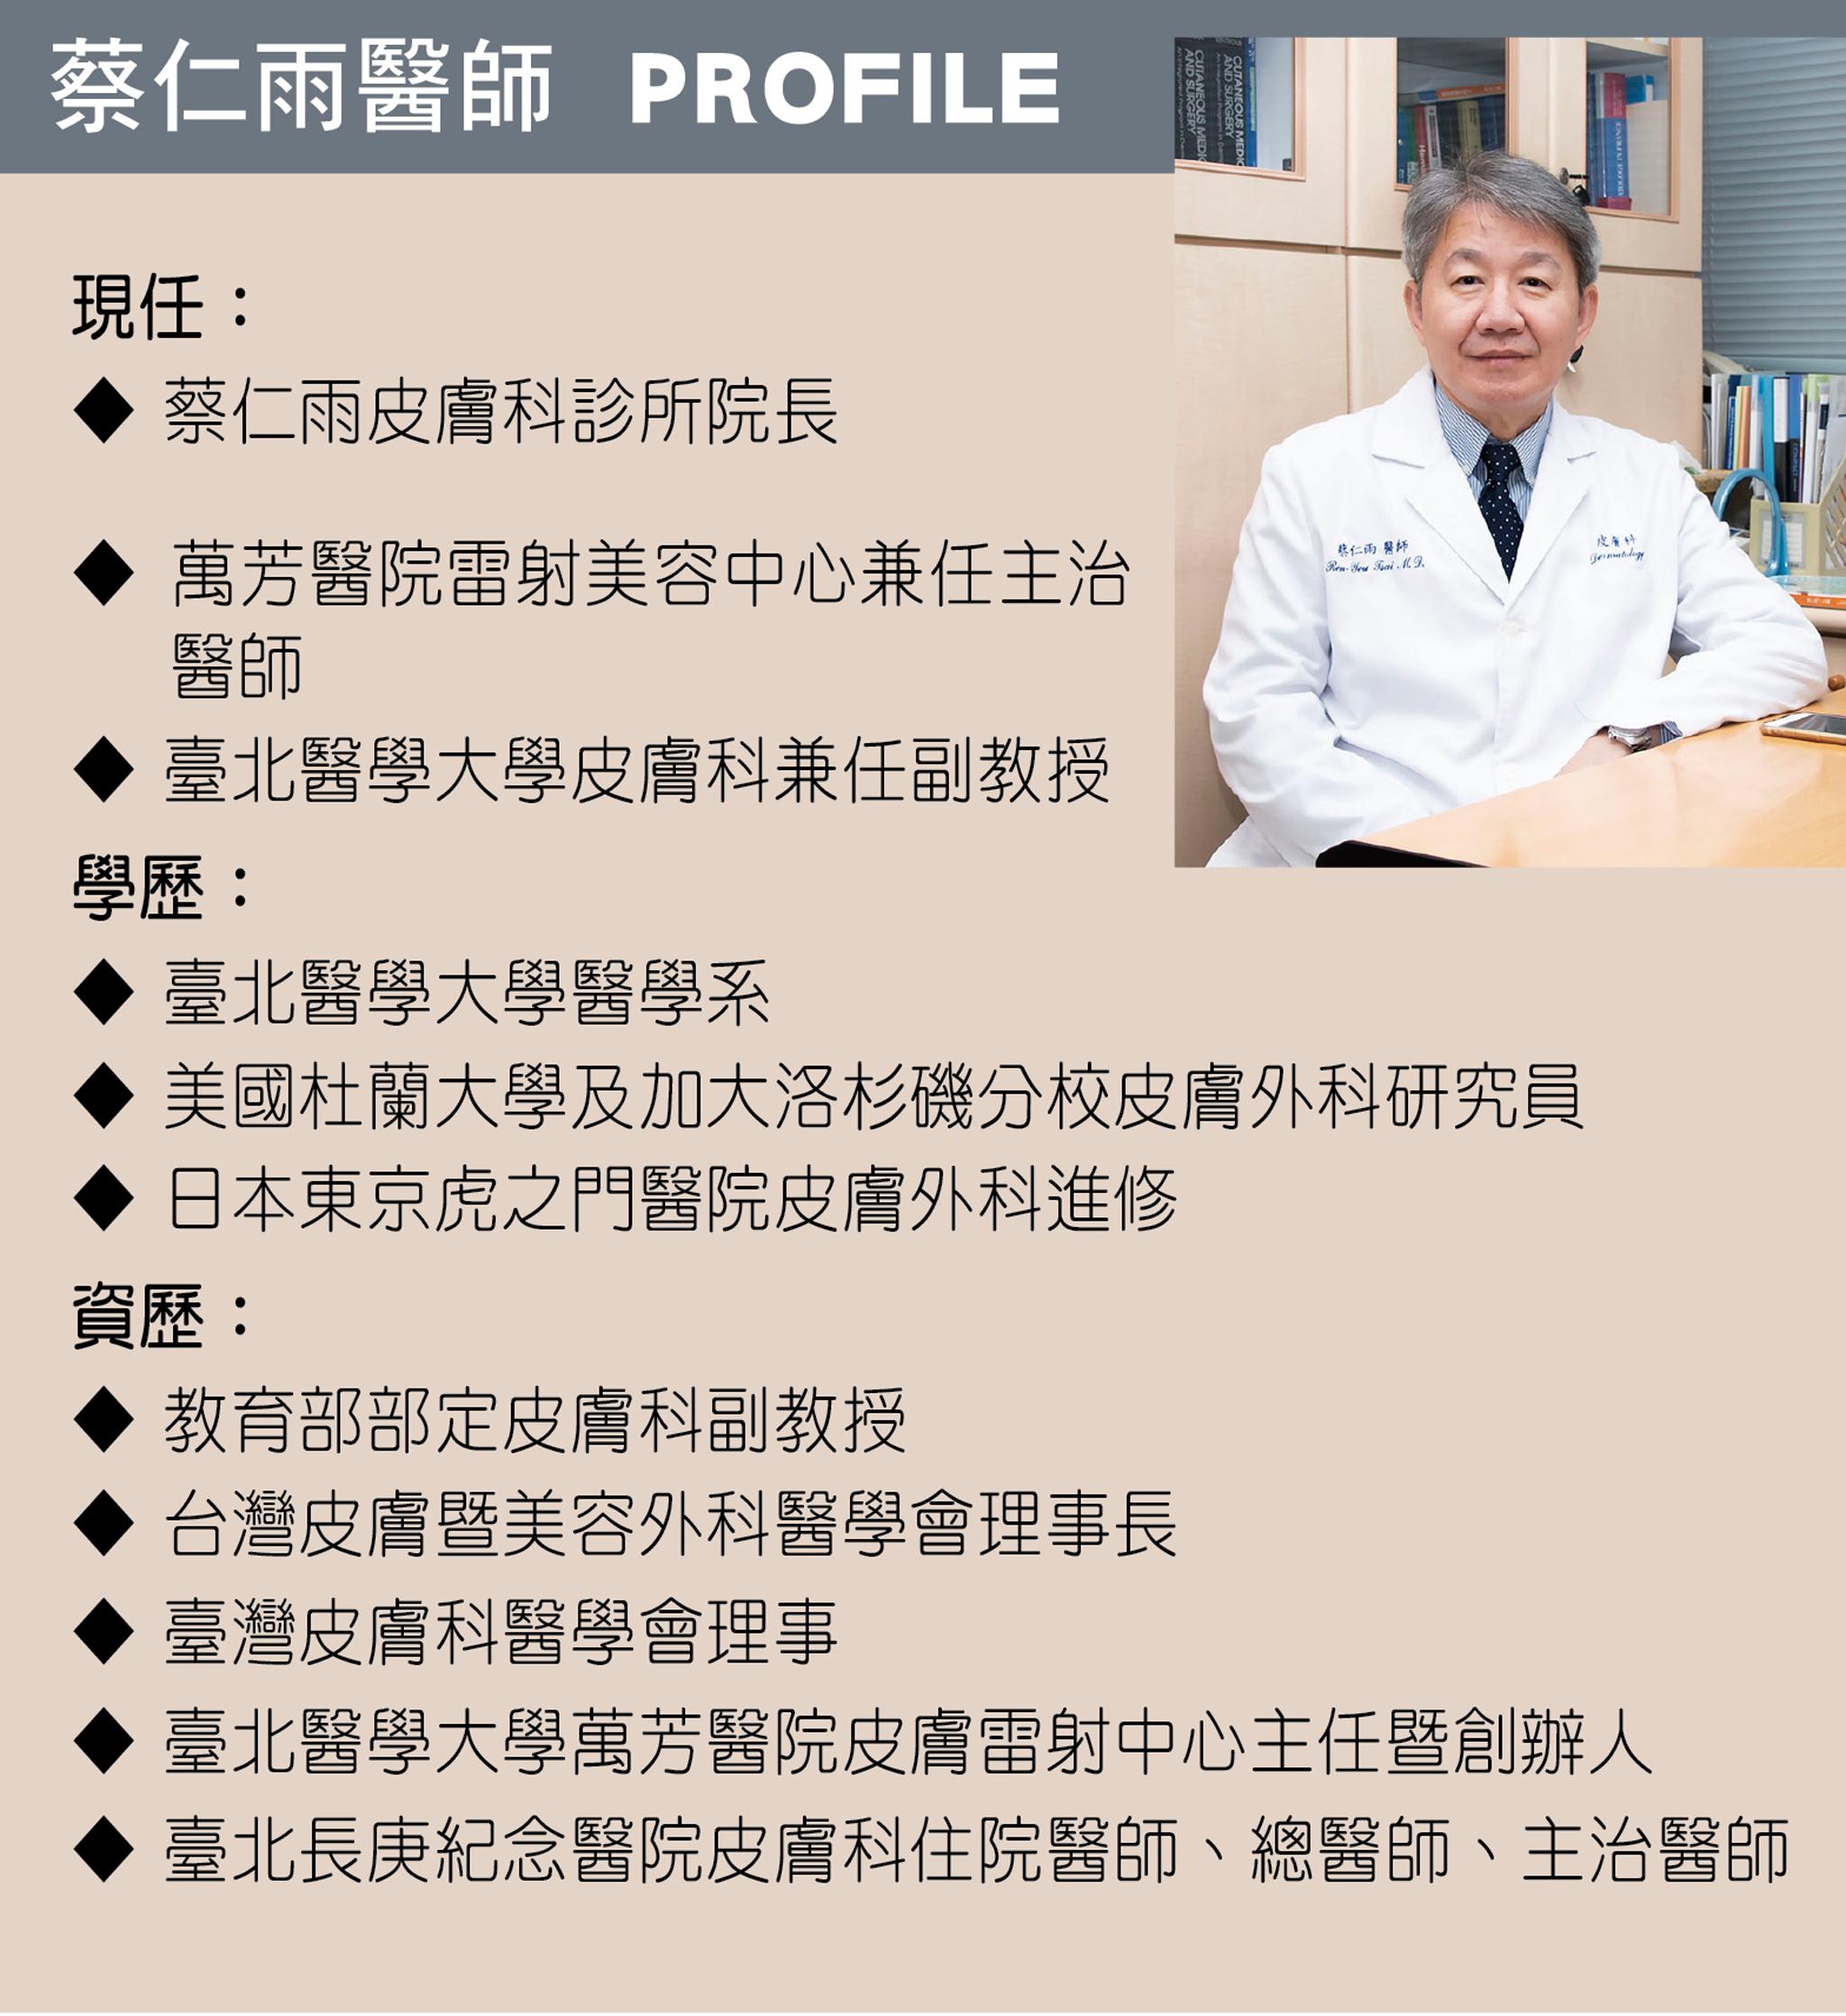 蔡仁雨醫師小檔案。